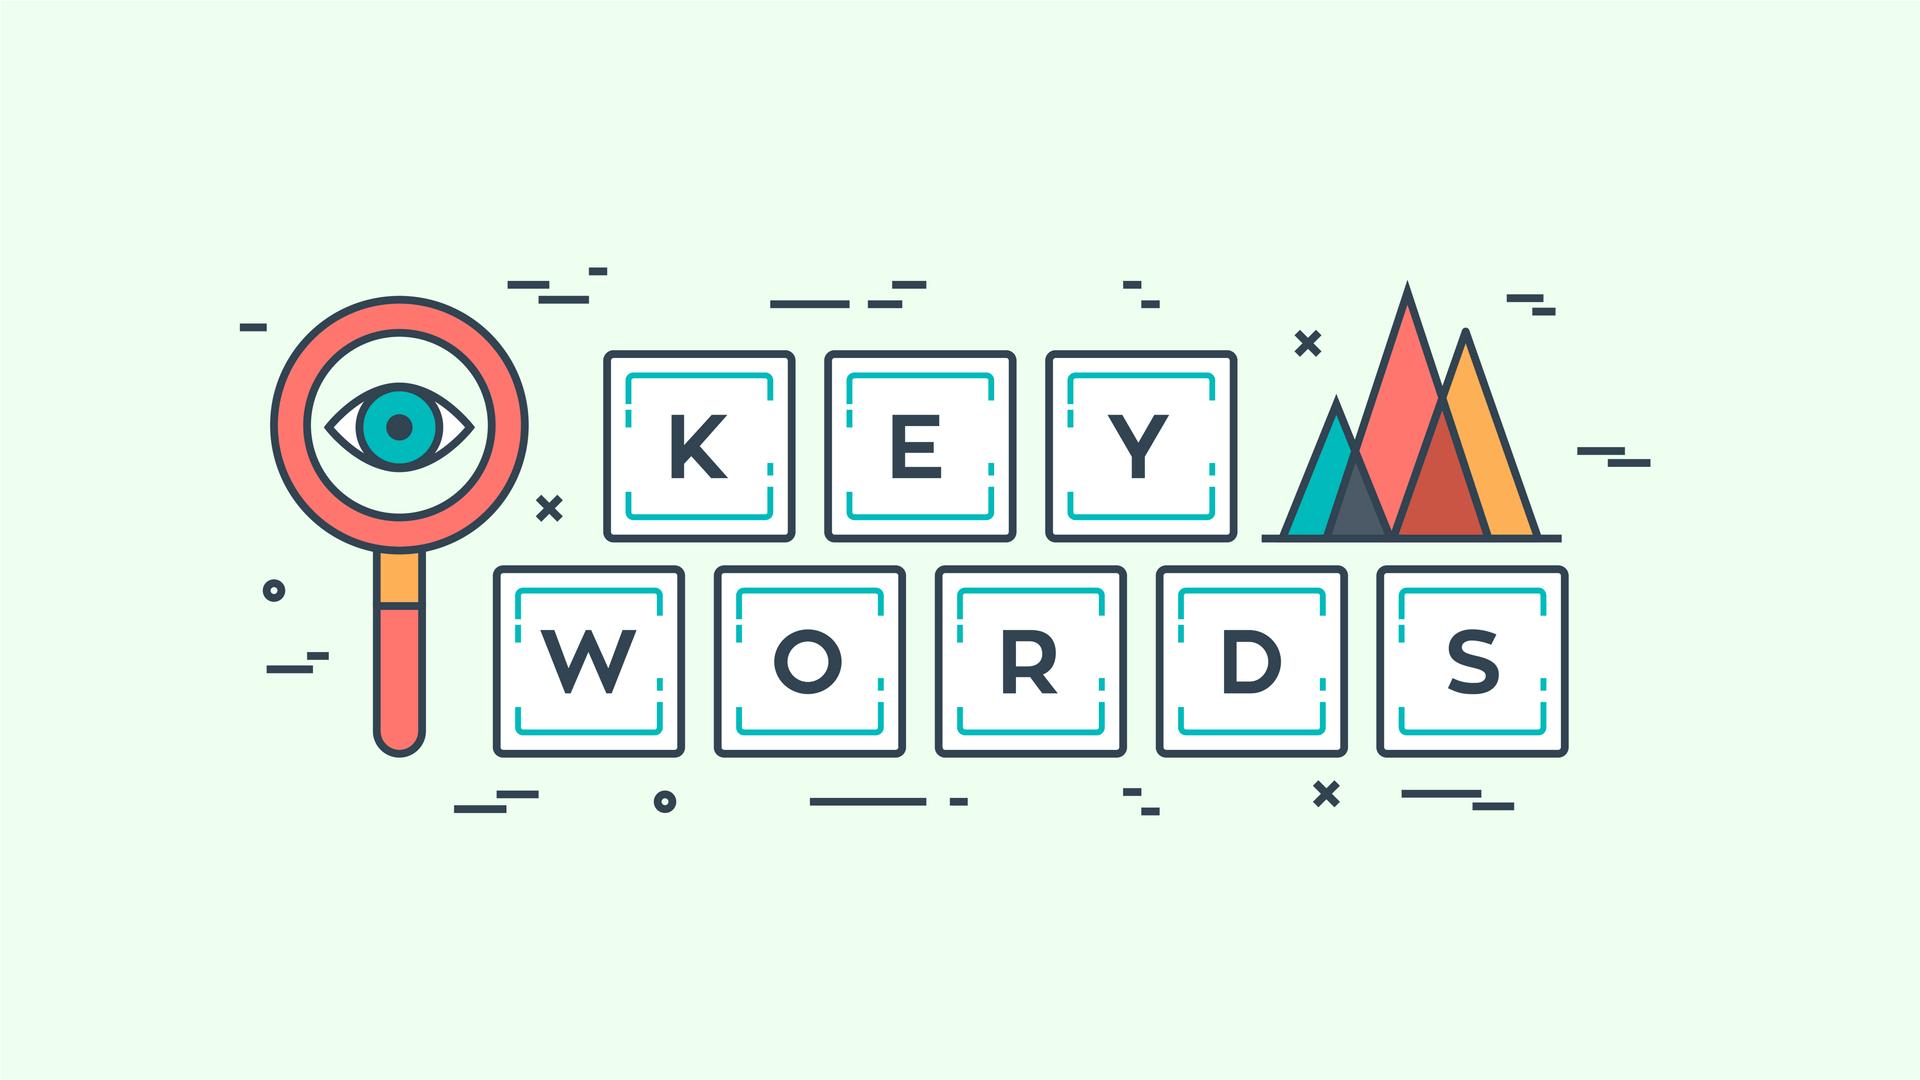 Cum sa utilizati cuvintele cheie in cadrul strategiei de marketing?